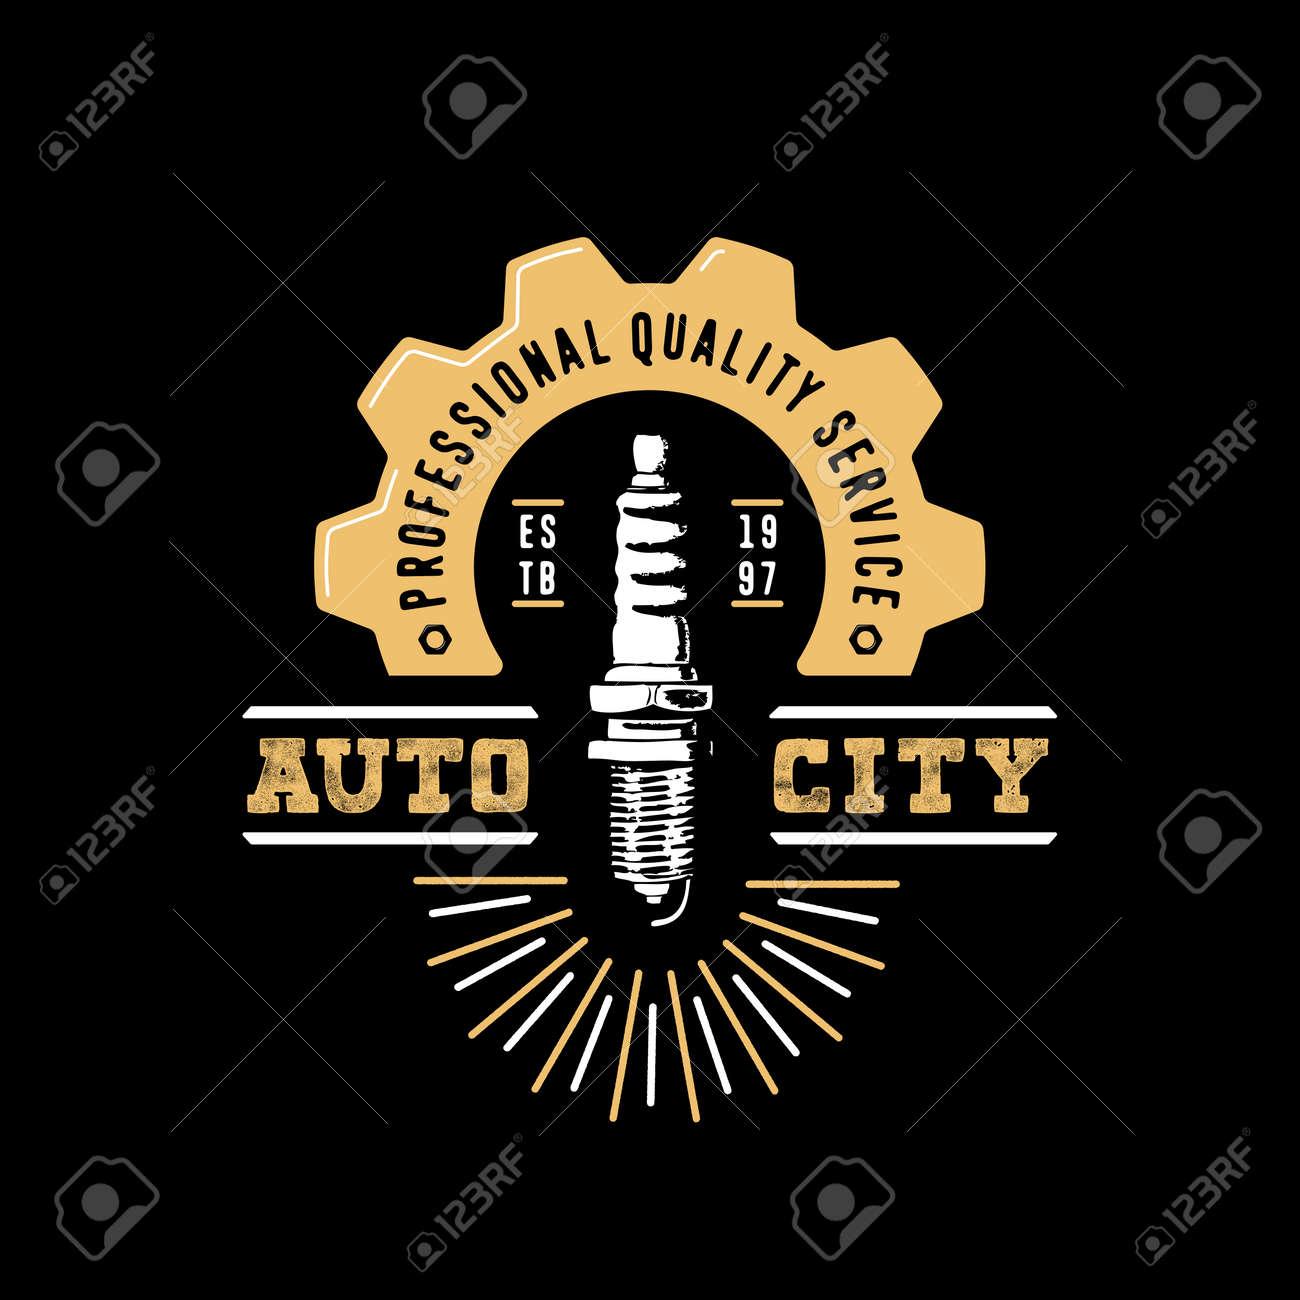 Auto City Logo Drawn Spark Plug Gear Half Gear Hand Crafted